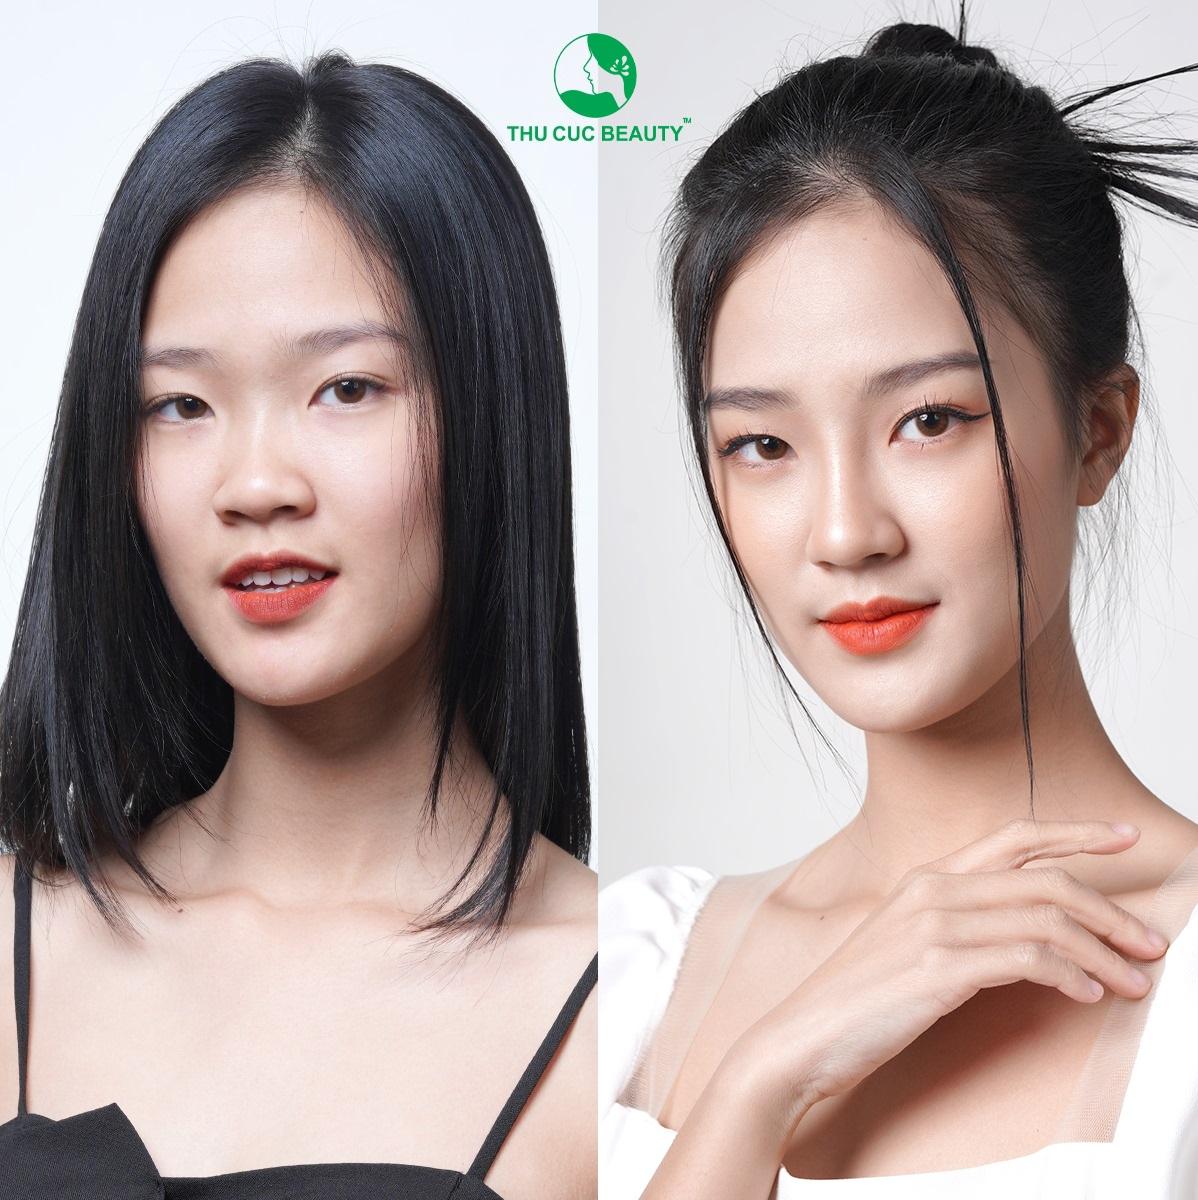 nang-mui-co-can-xem-tuong-khong